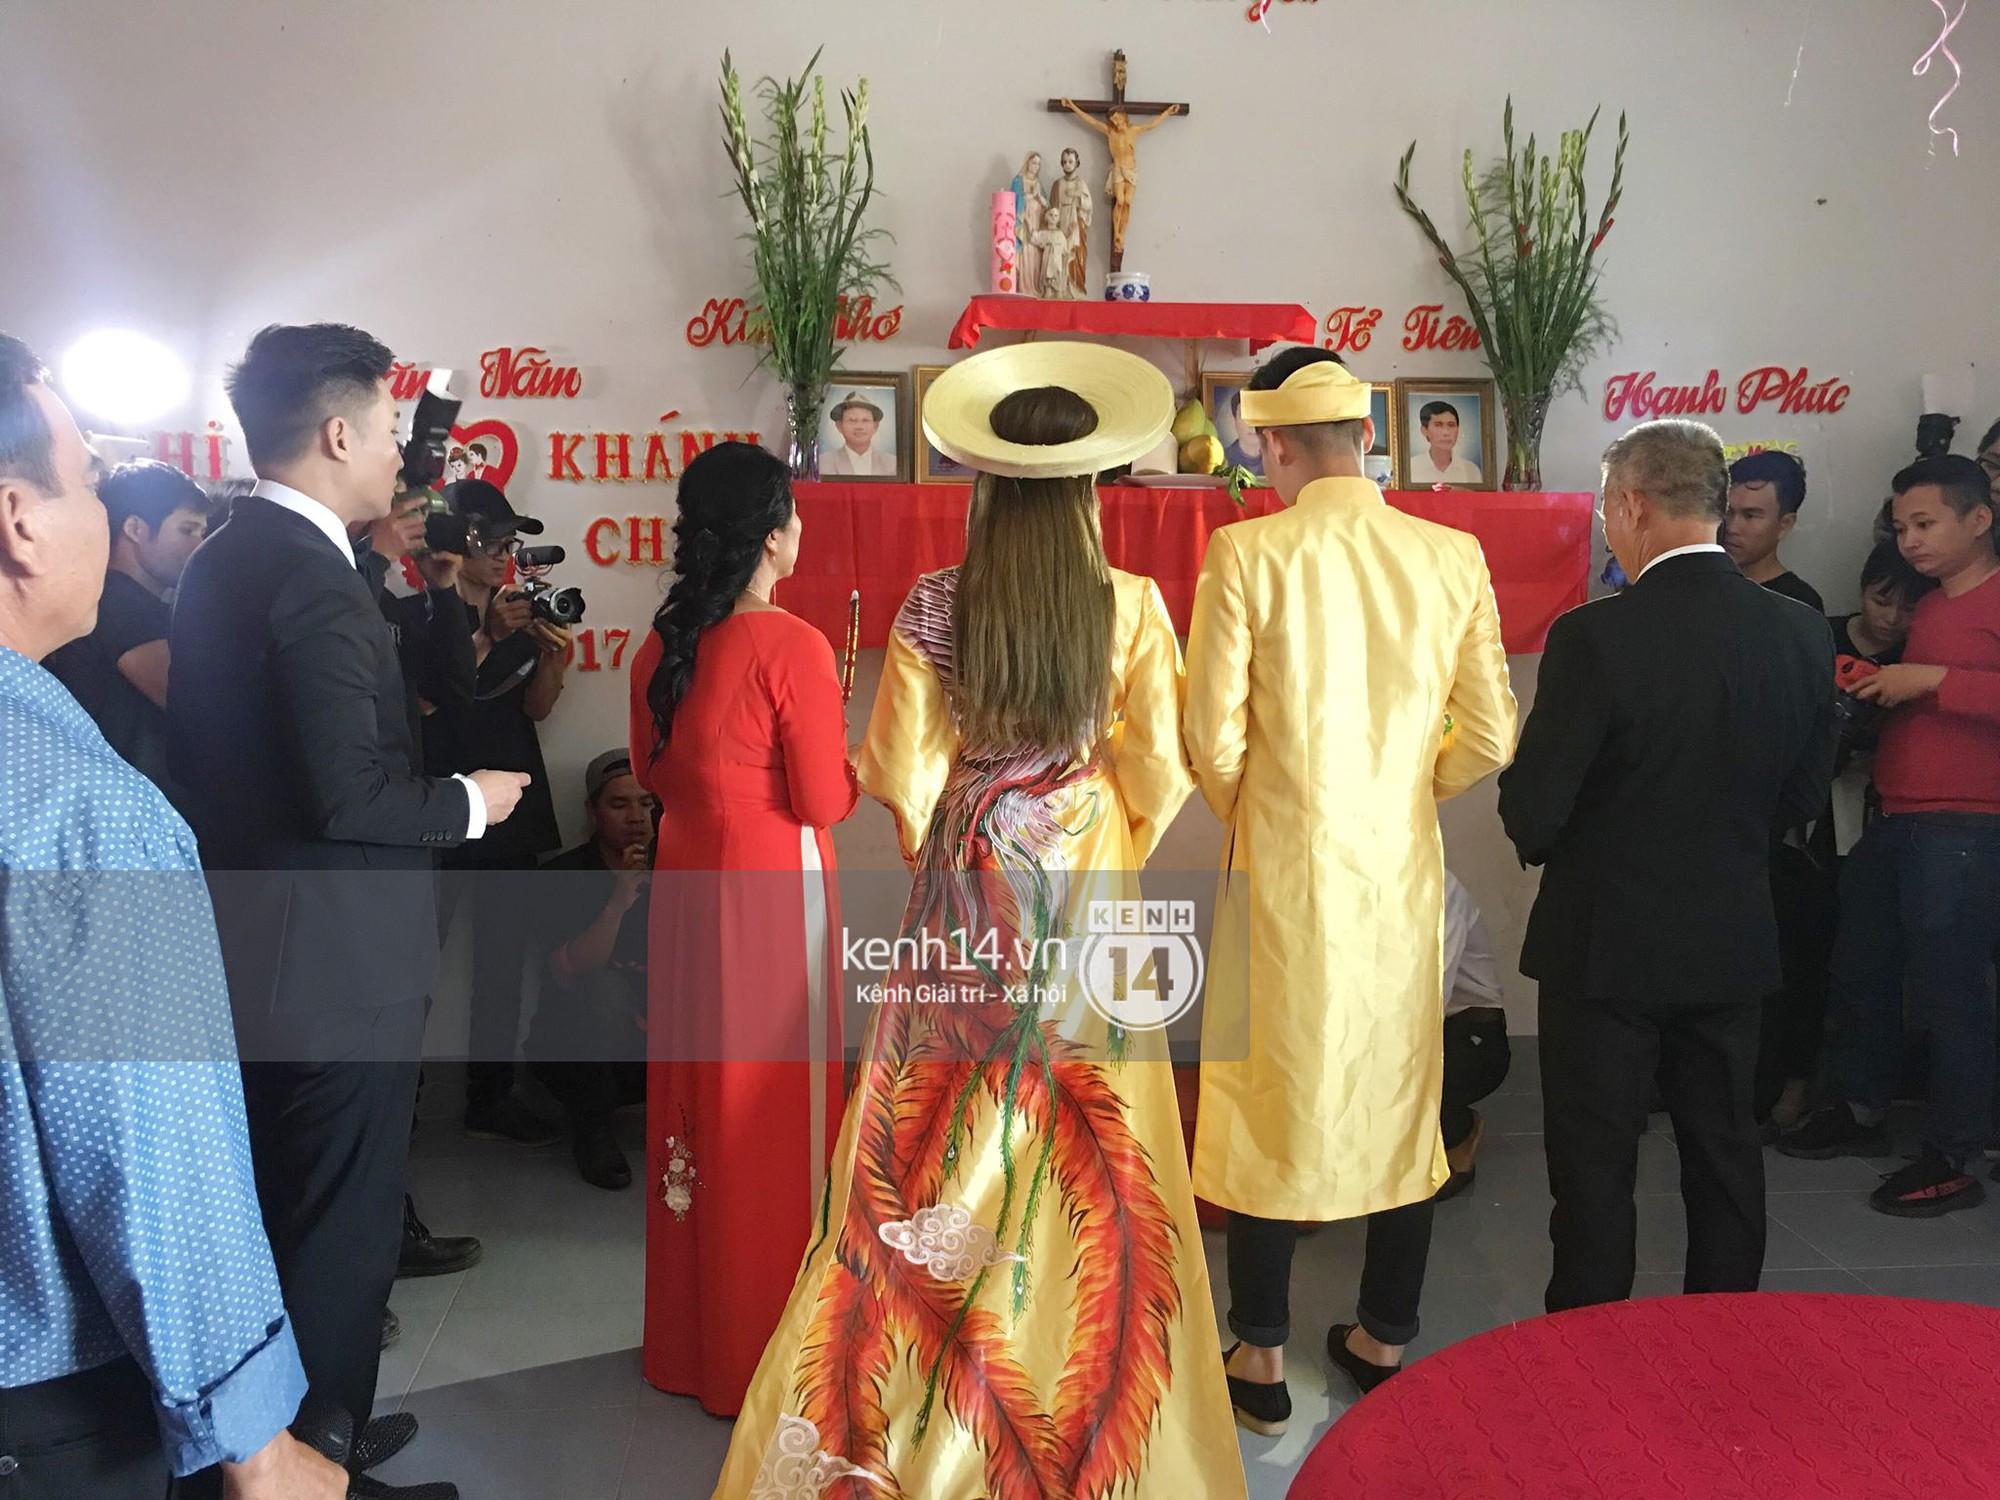 Loạt ảnh cận cảnh cô dâu Lâm Khánh Chi diện áo dài long phụng quét đất về nhà chồng - Ảnh 11.